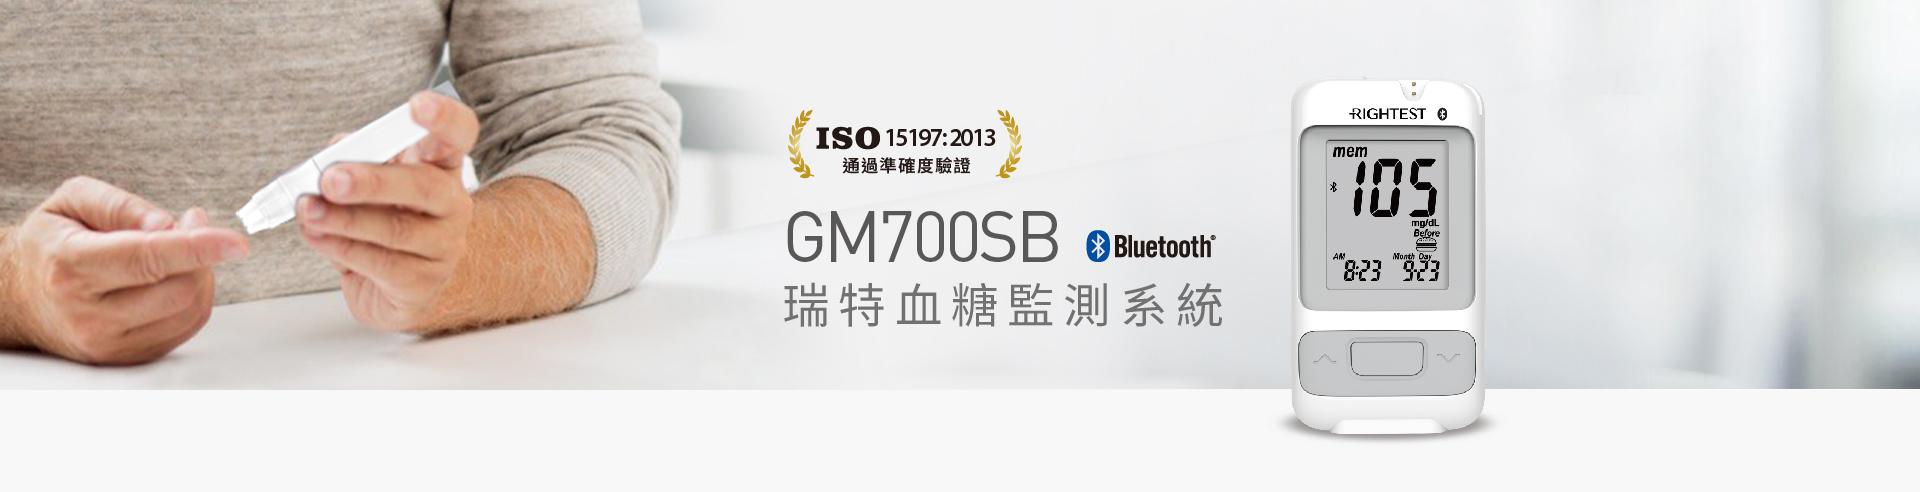 瑞特血糖監測系統GM700SB